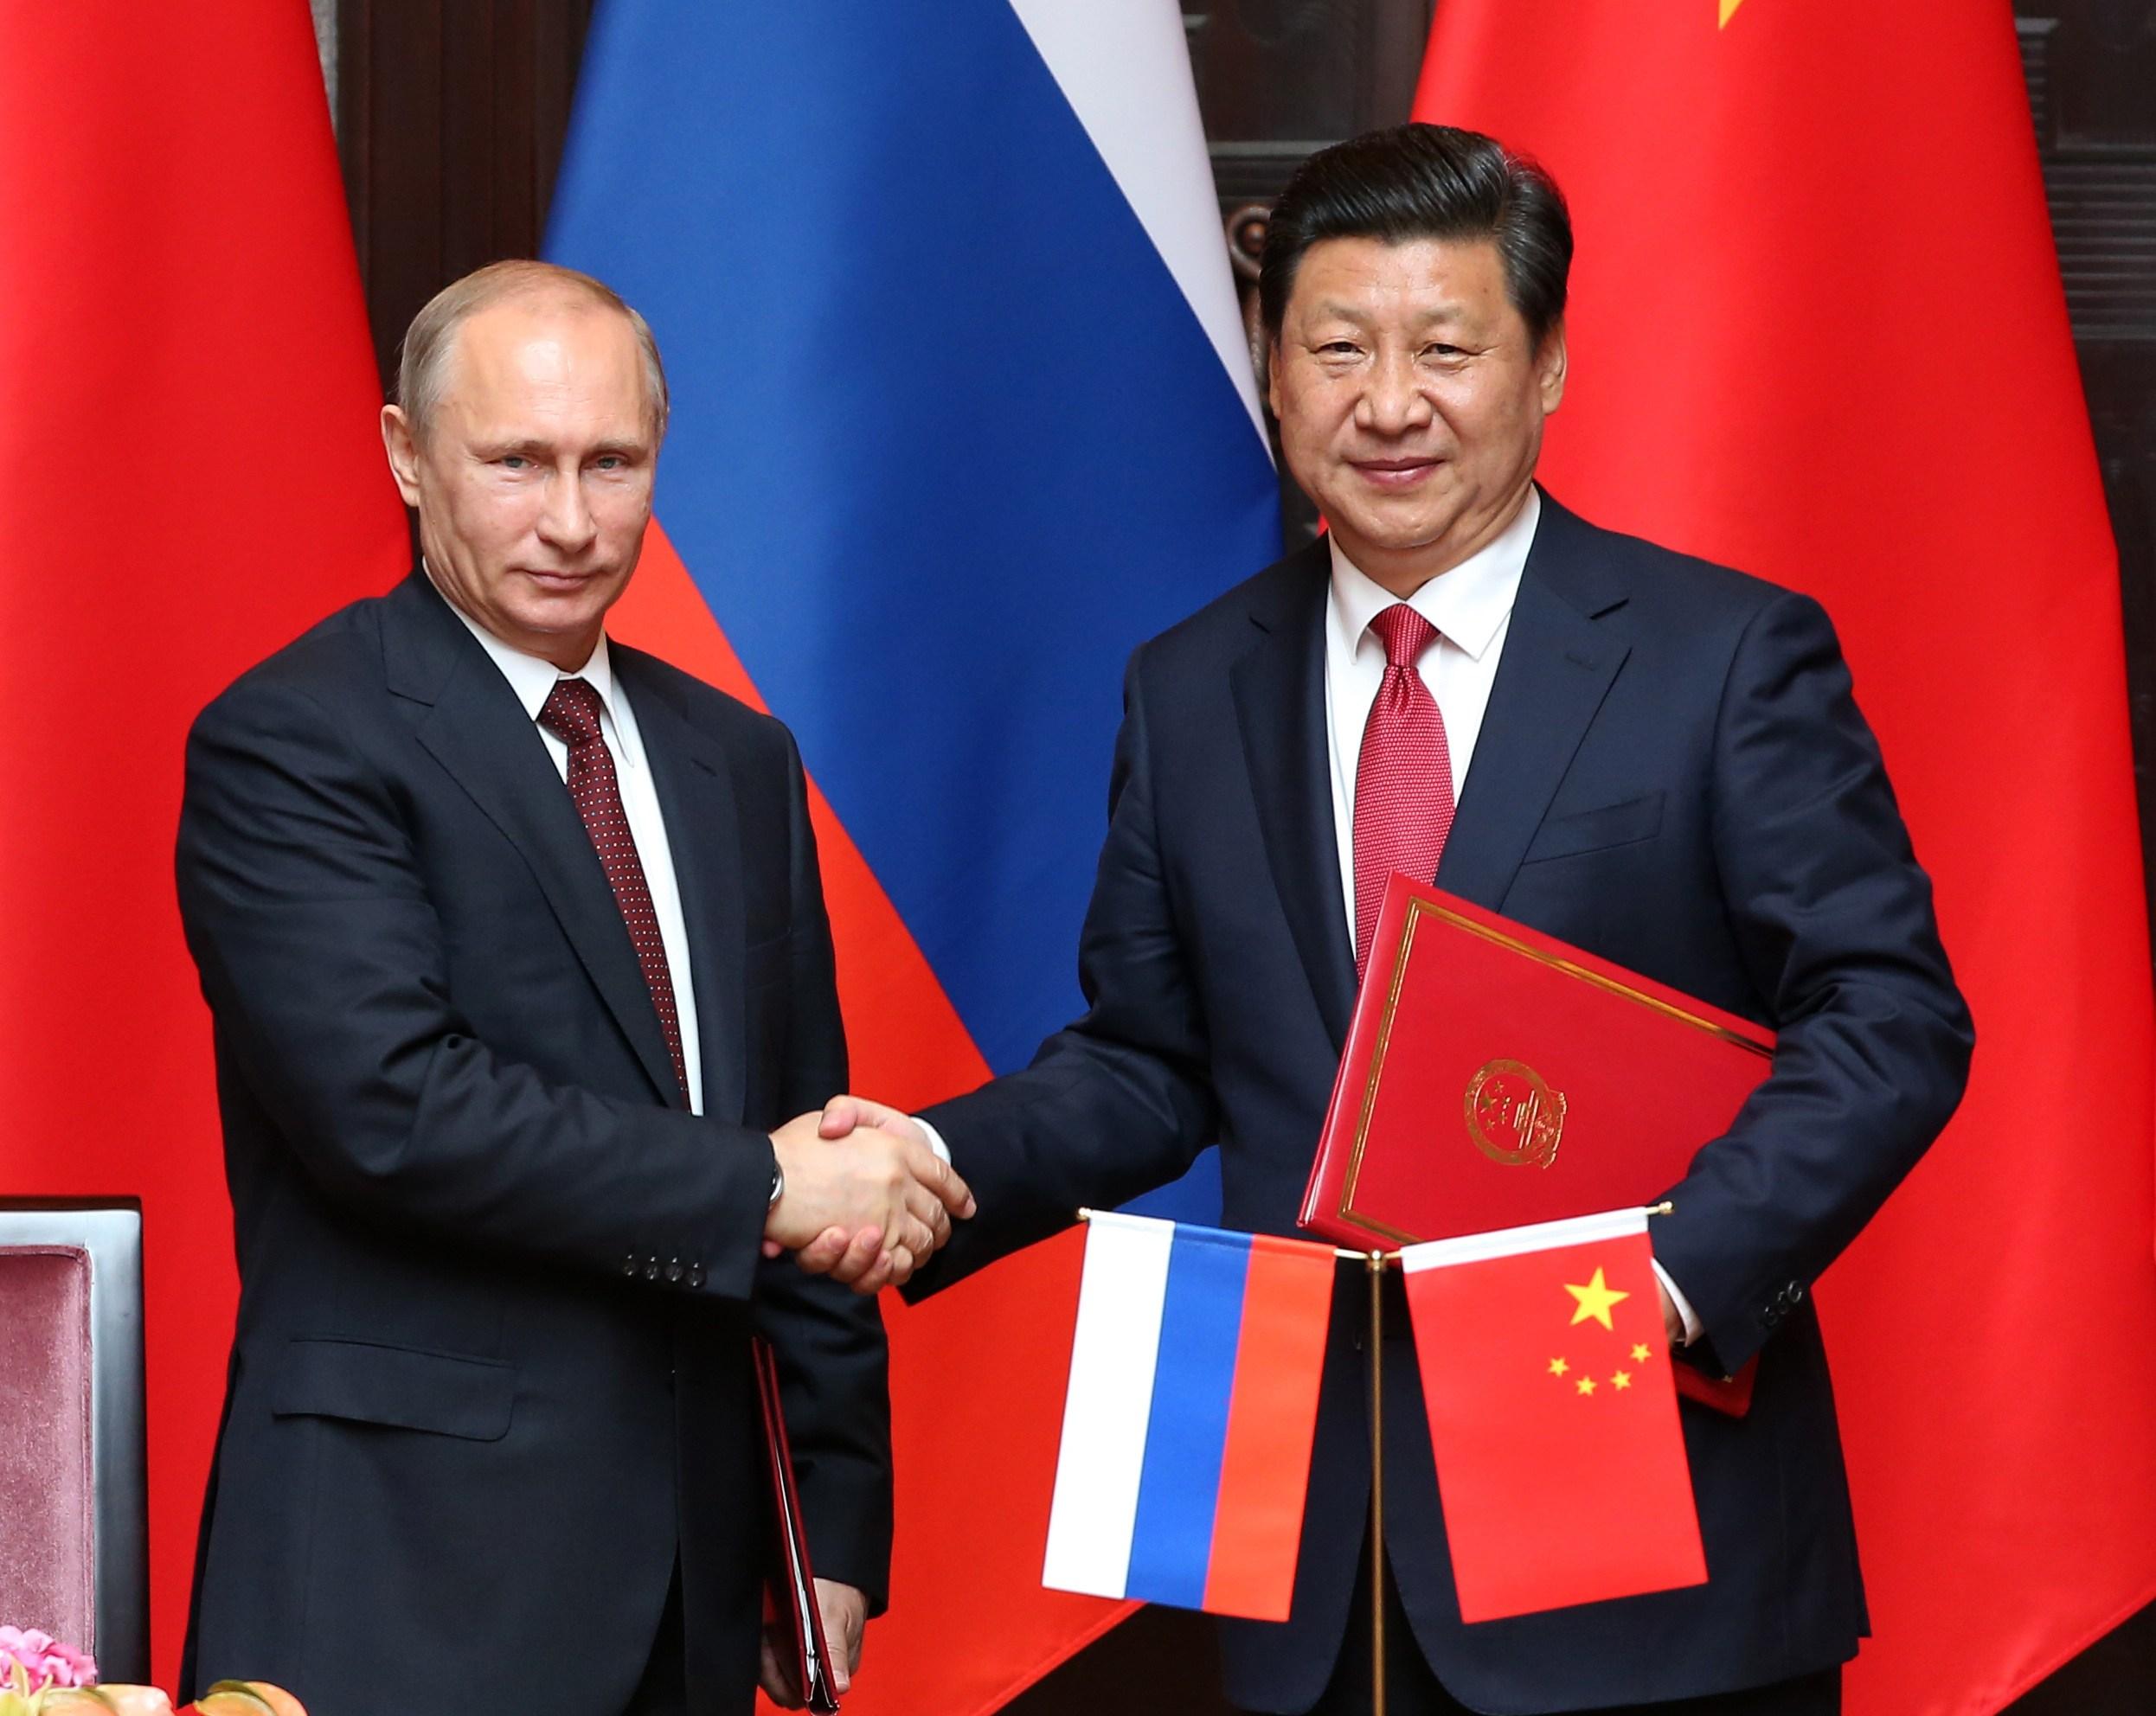 भारत-चीन-रूस सम्बन्ध